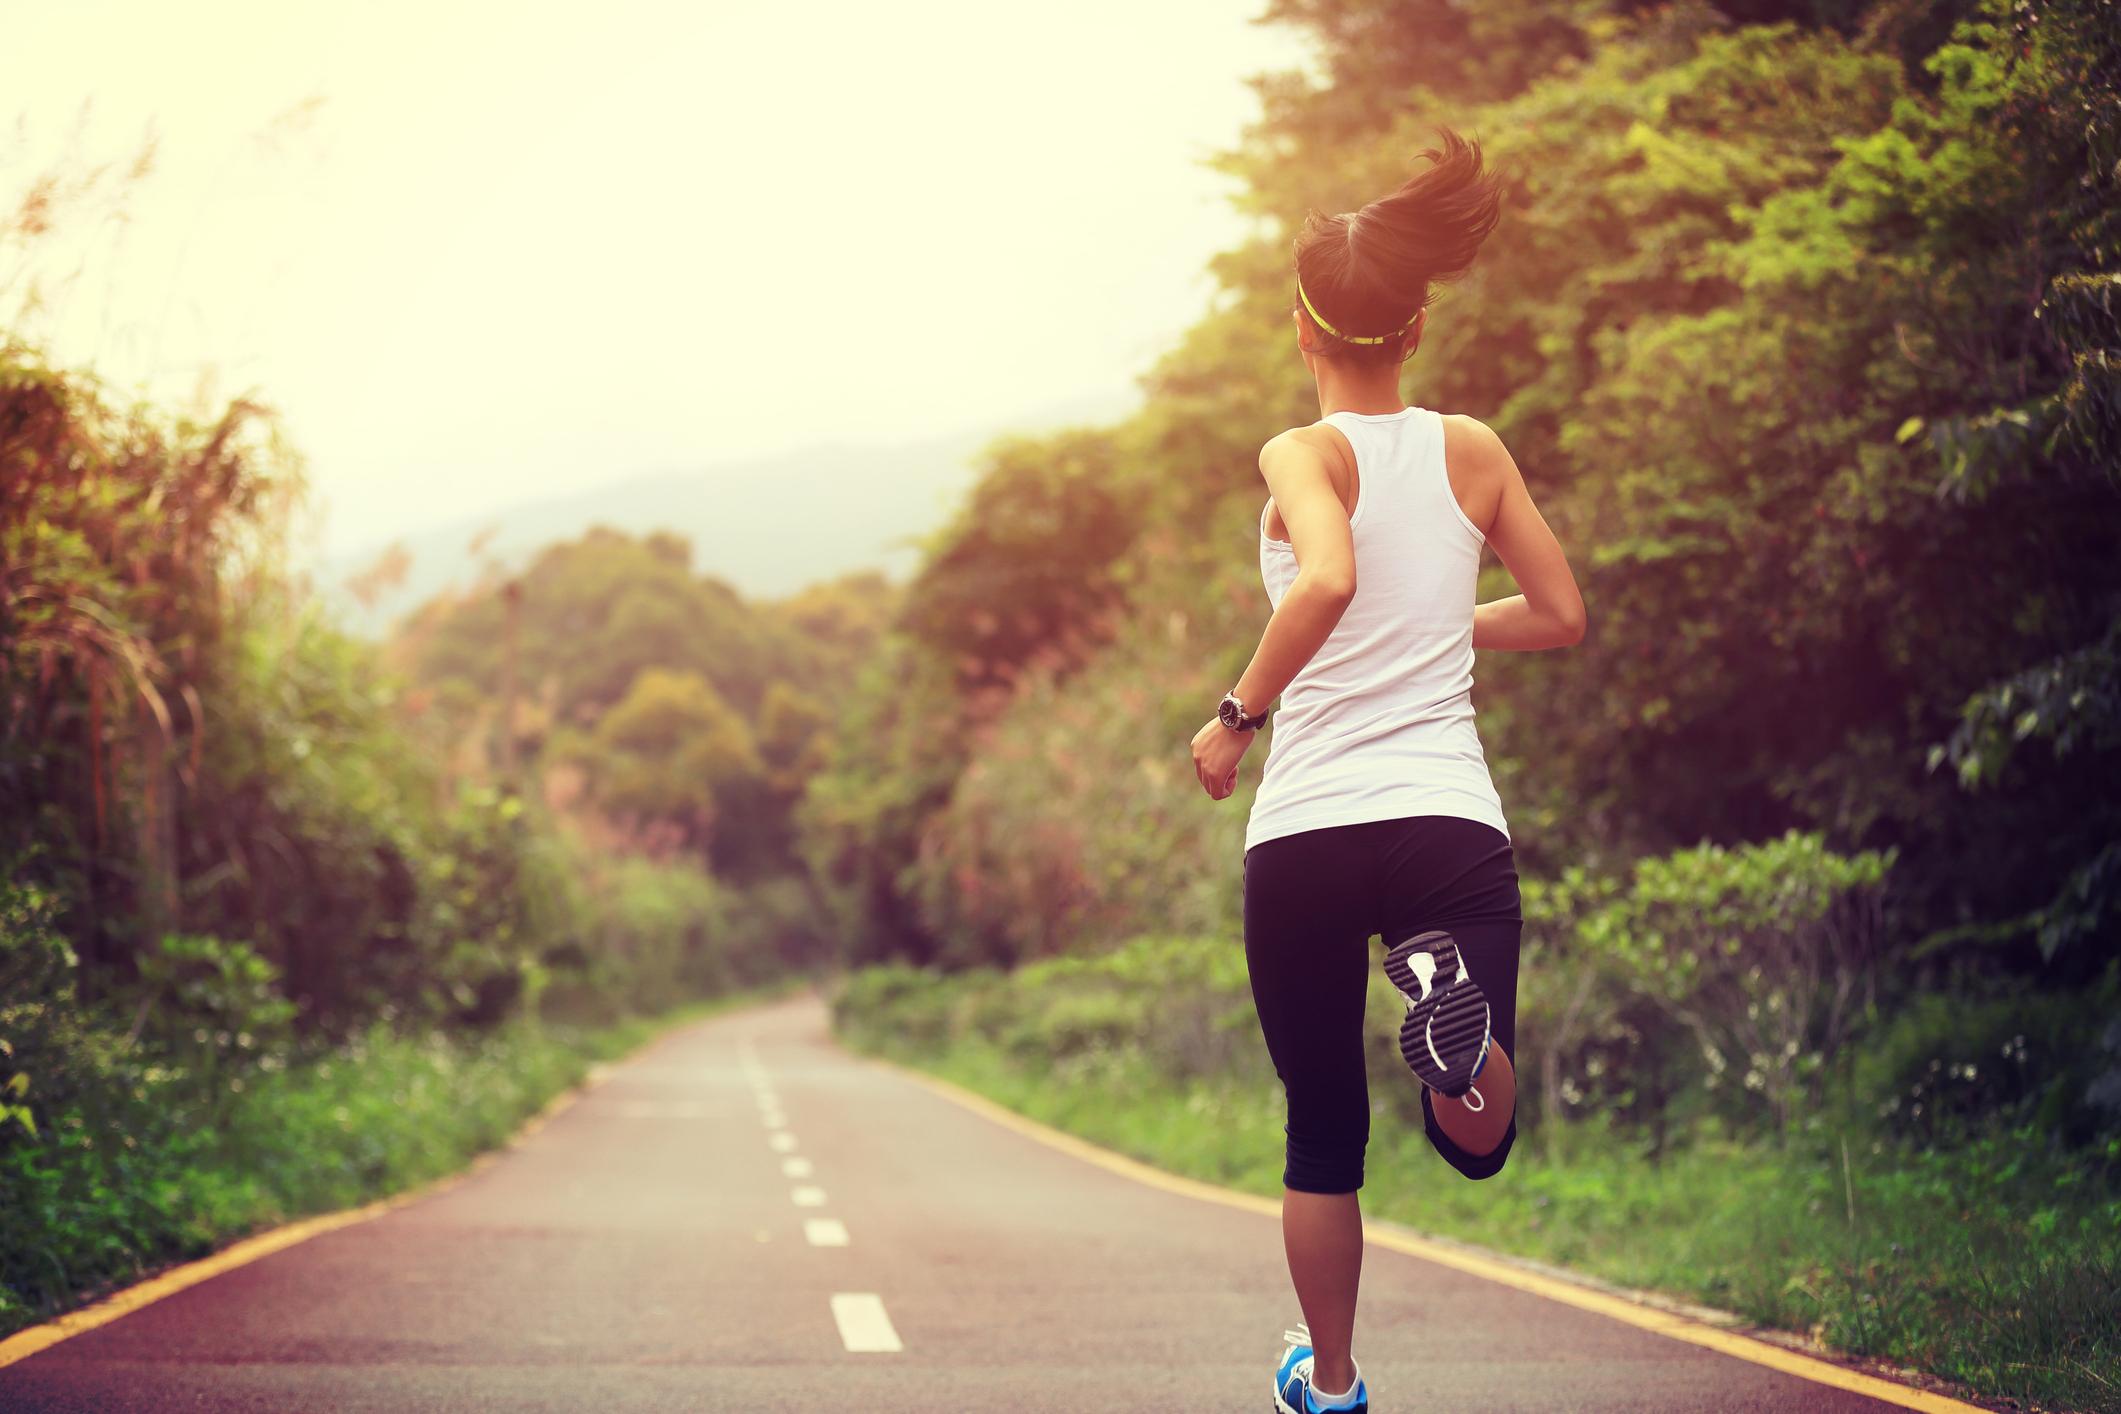 Os 5 melhores exercícios para bem-estar e positividade